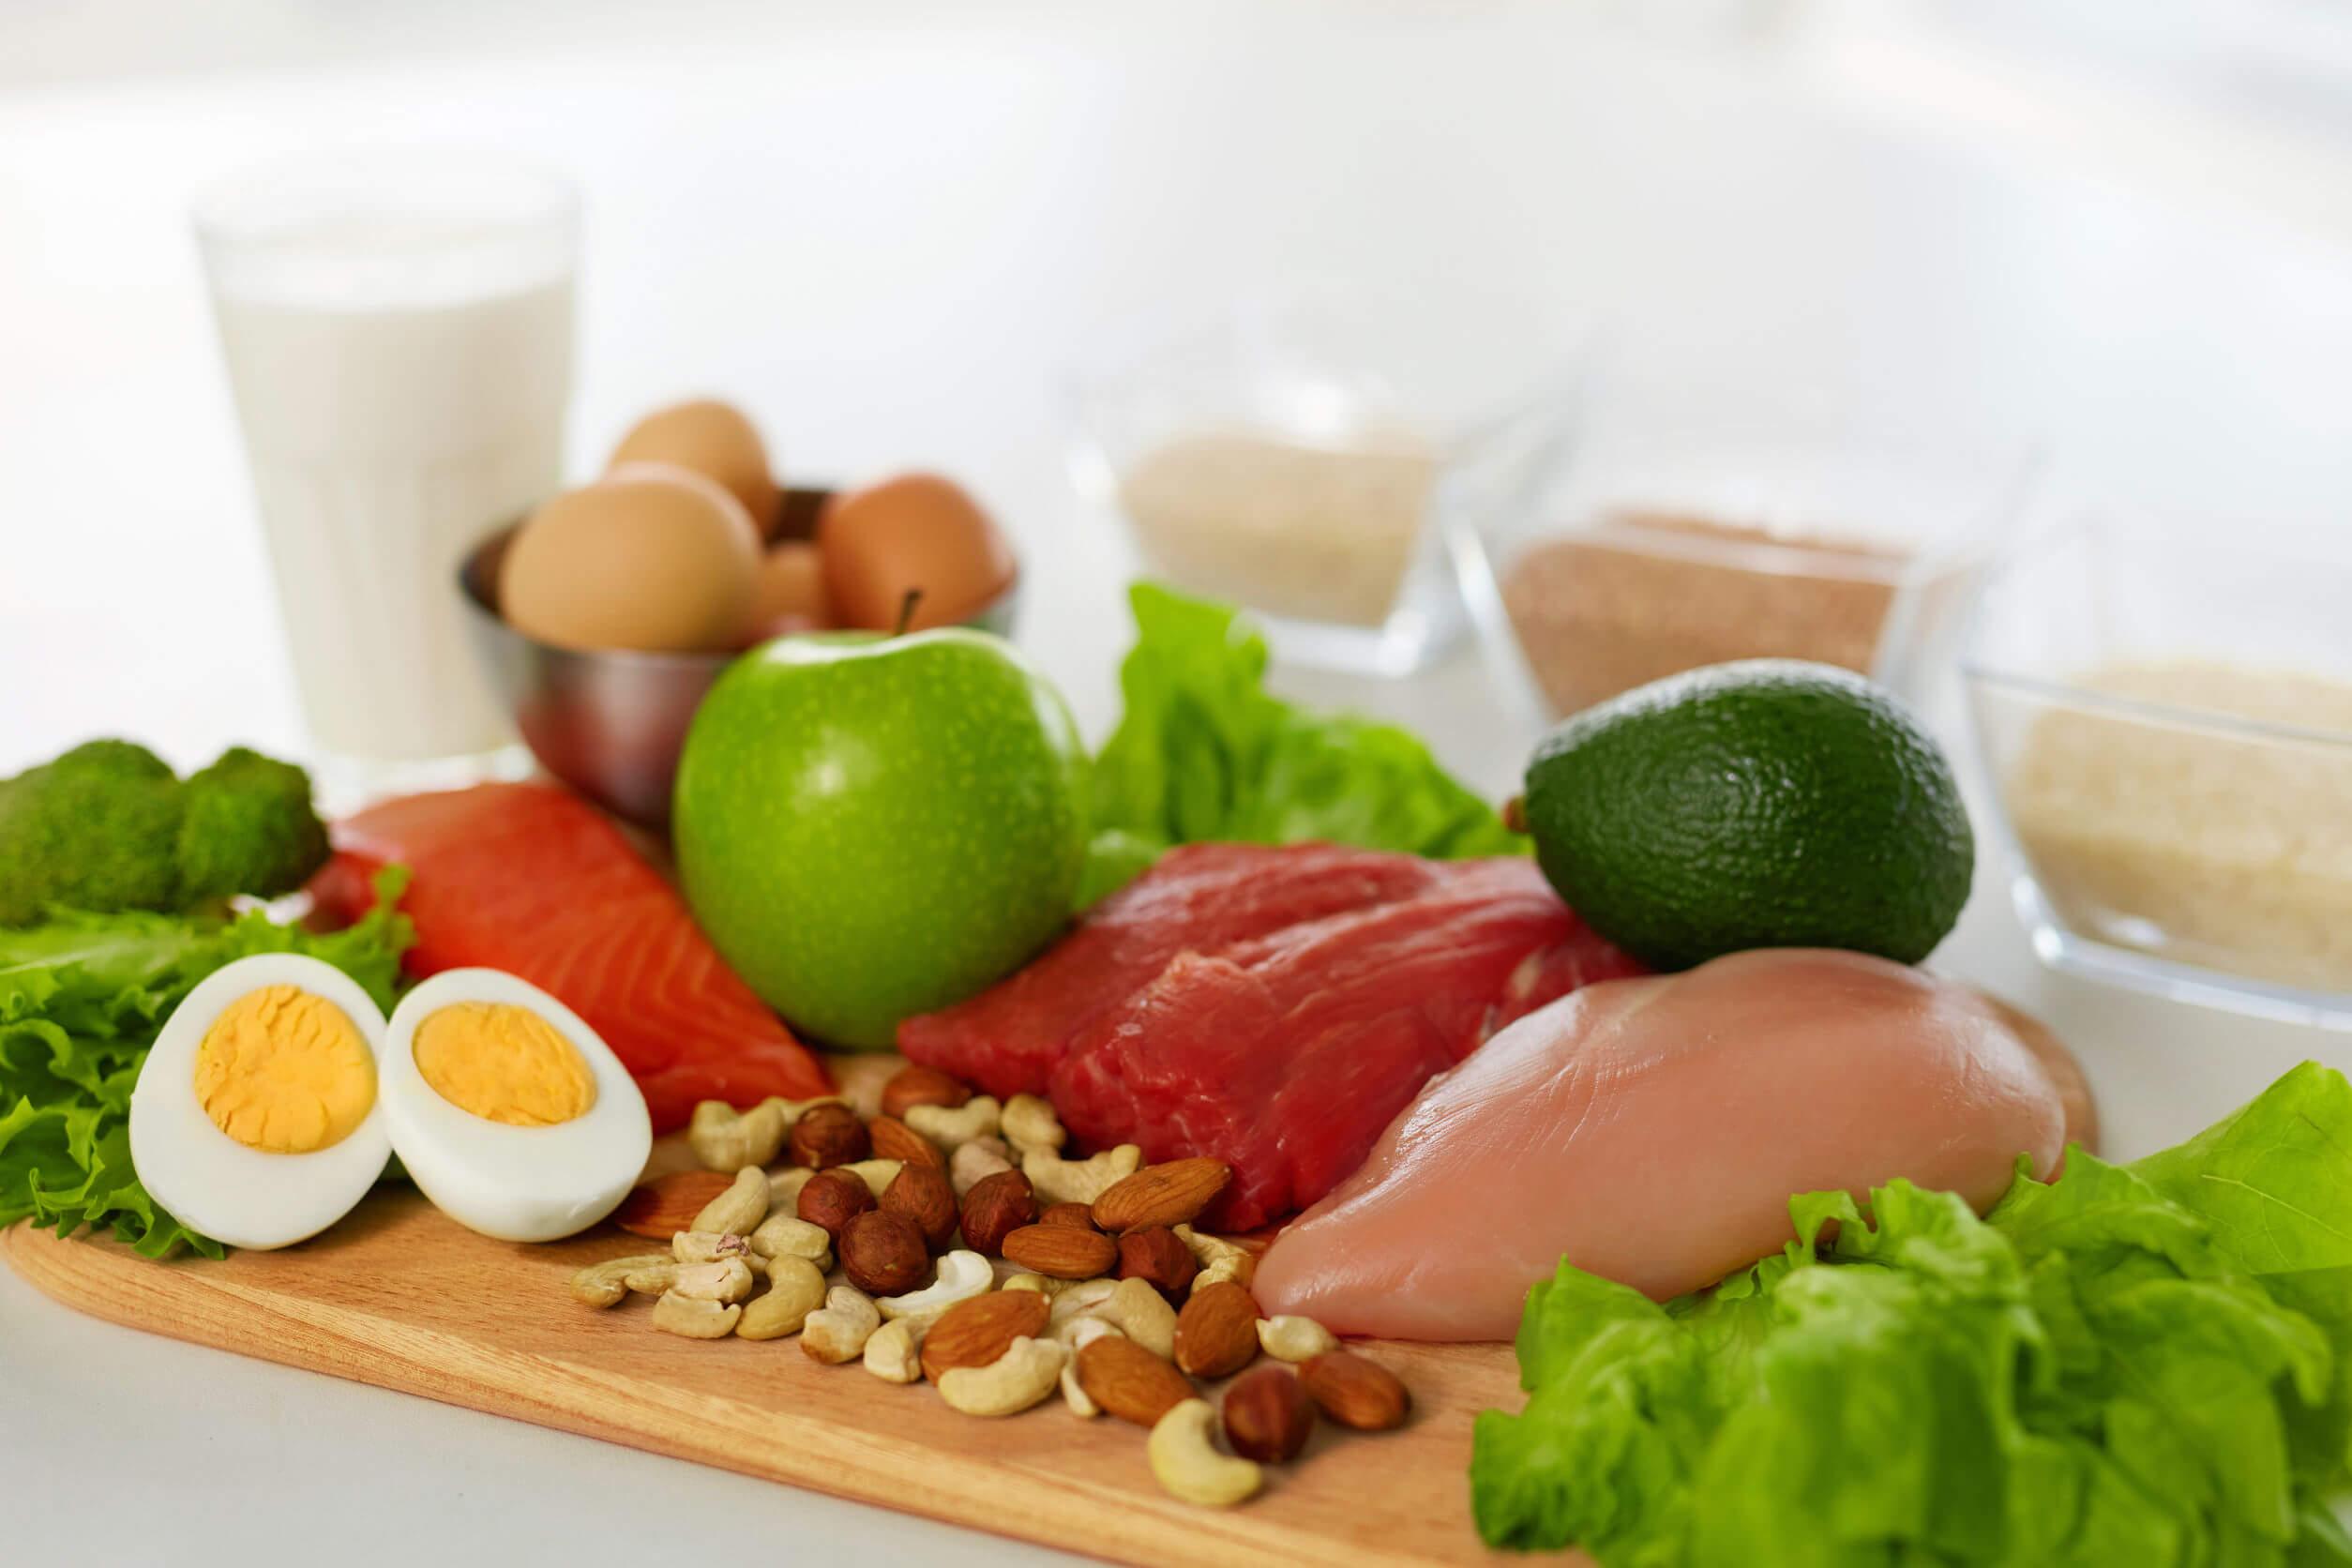 Los alimentos ecológicos son variados.